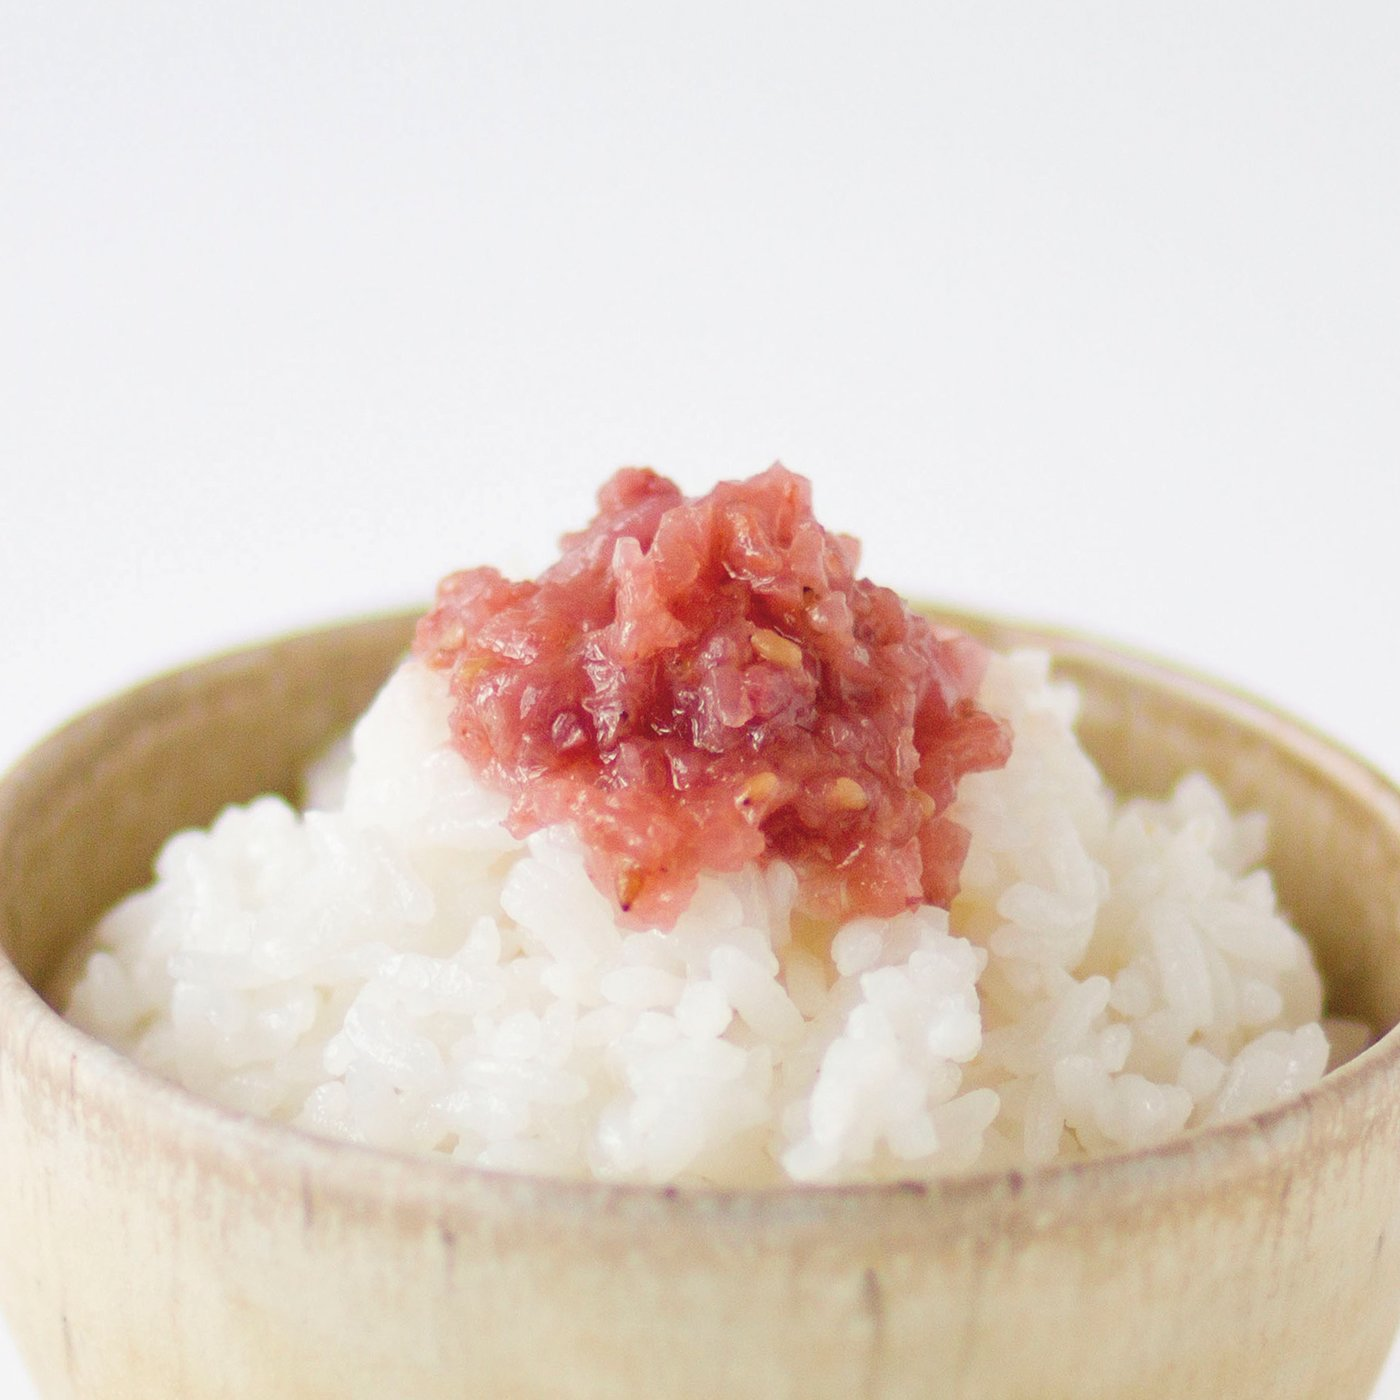 [和歌山県]梅あぶら、梅唐辛子、梅肉みそ の3個セット